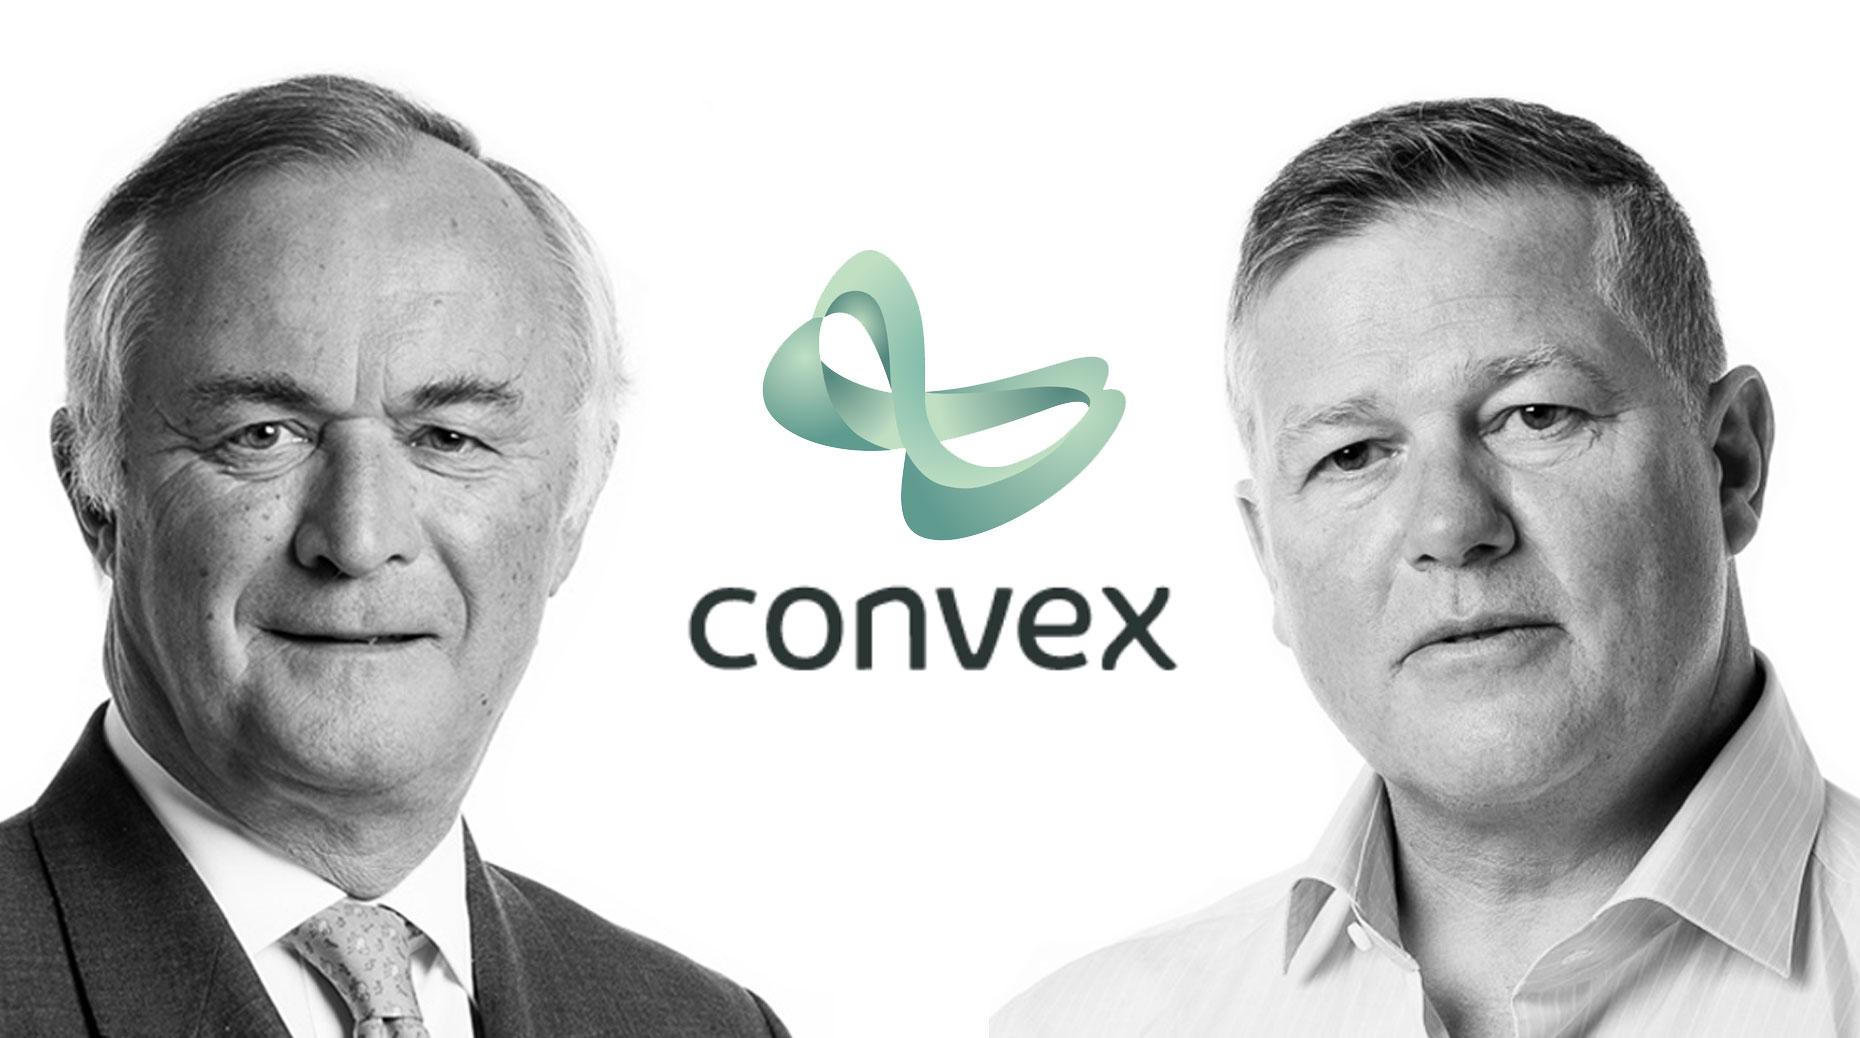 Grands Risques : Pourquoi Convex affole-t-il le marché ?